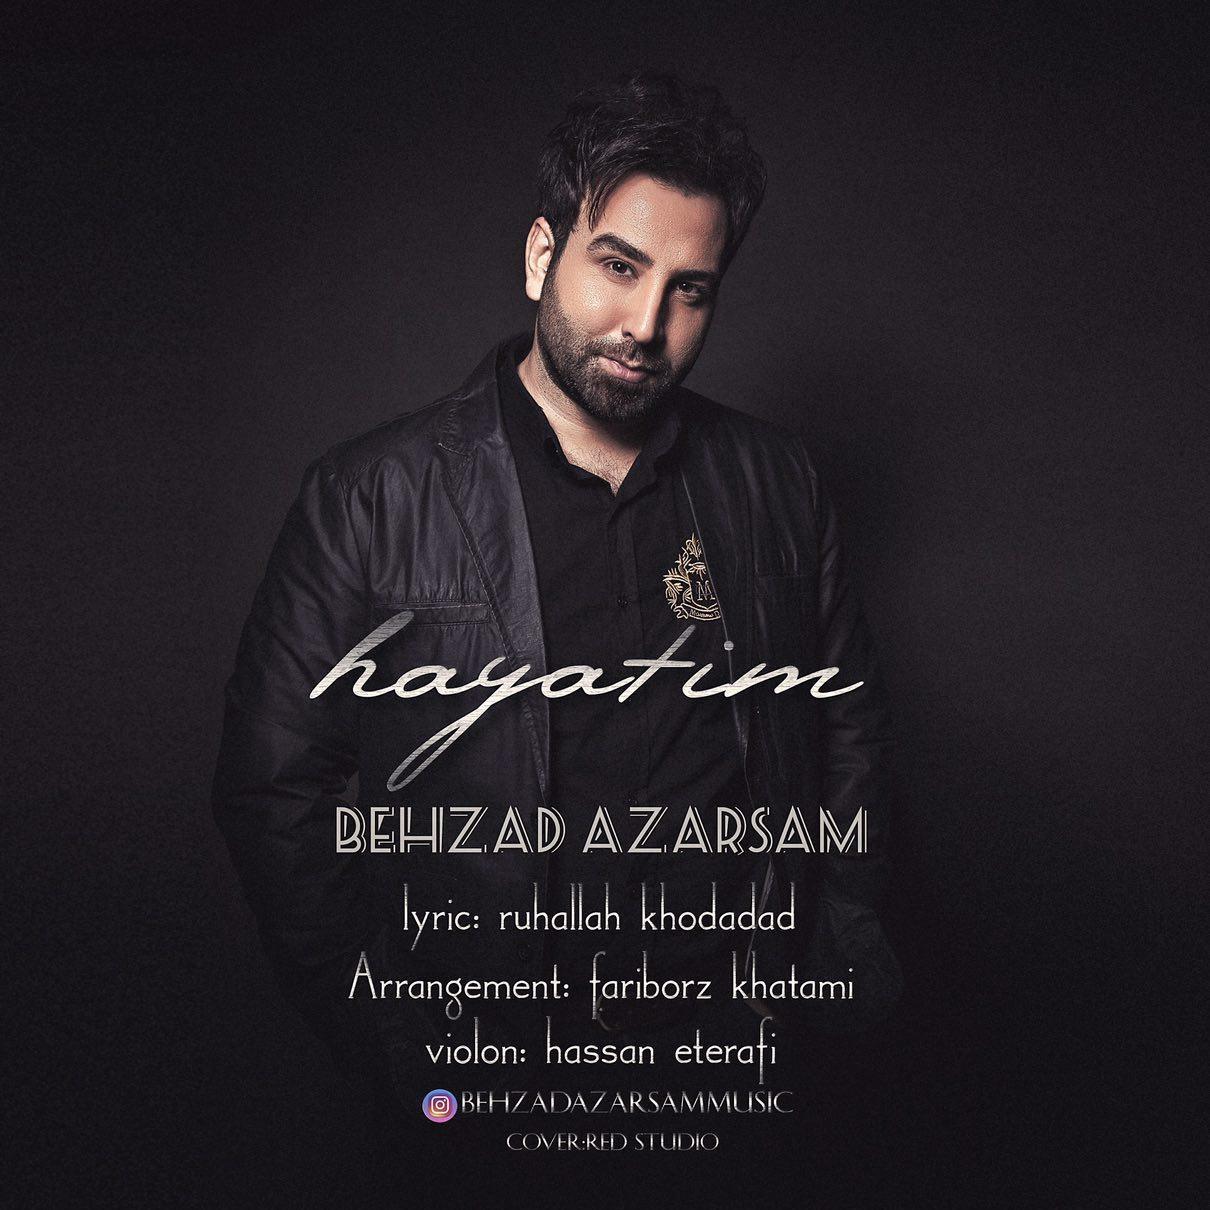 Behzad Azarsam - Hayatim